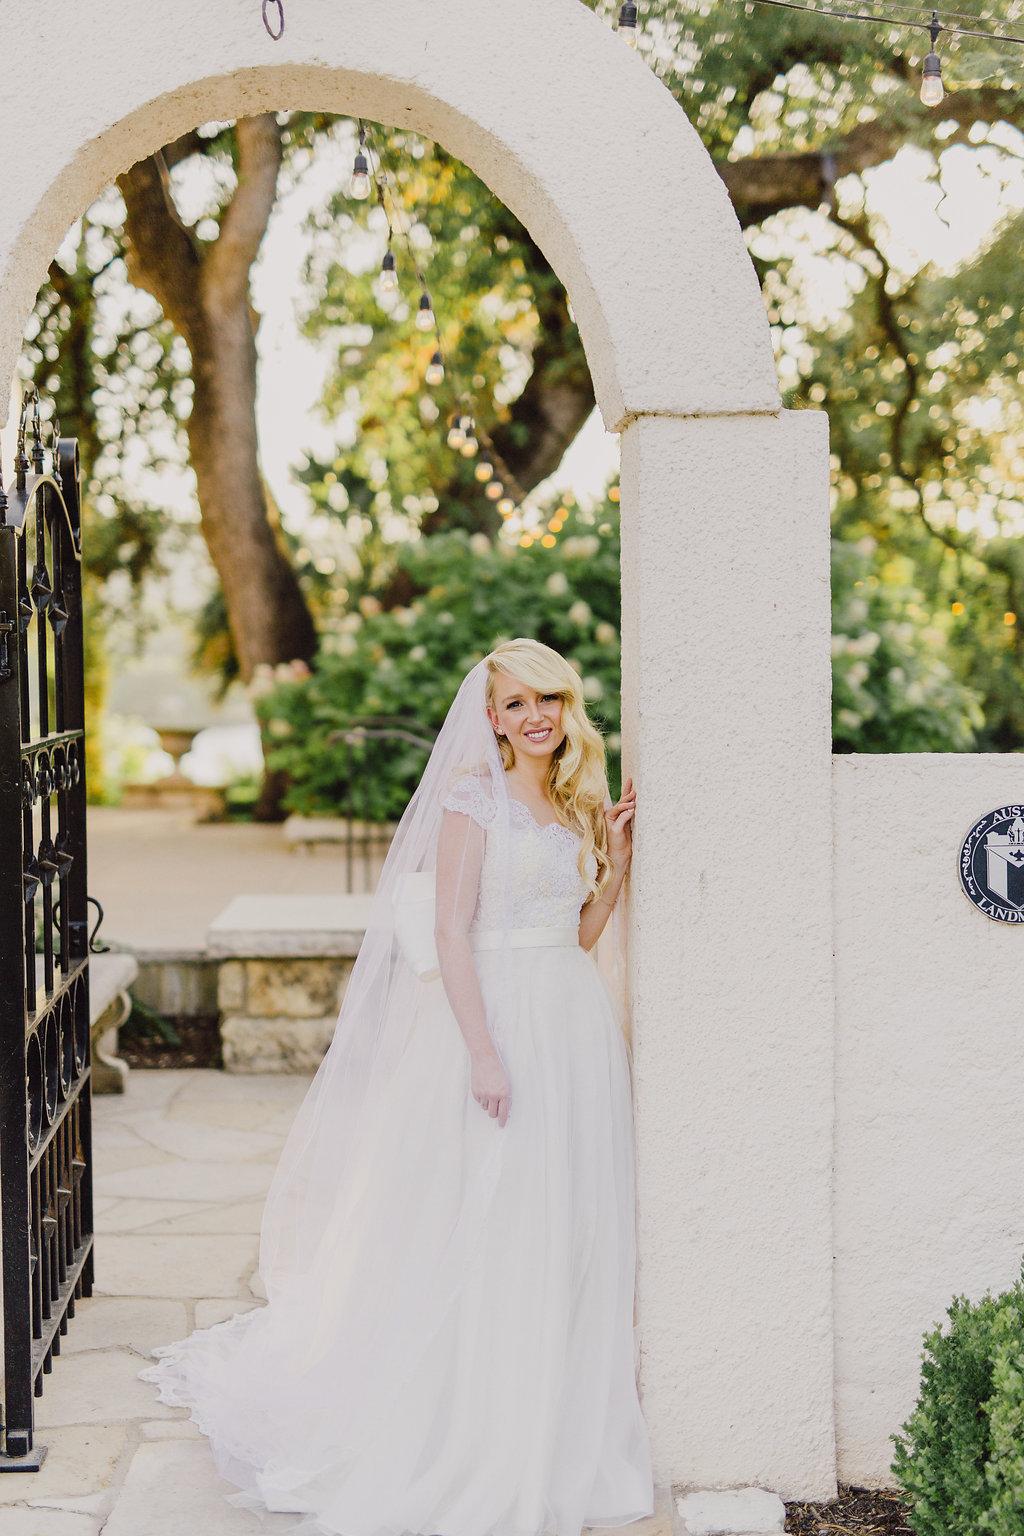 katie+bridals-160.jpg